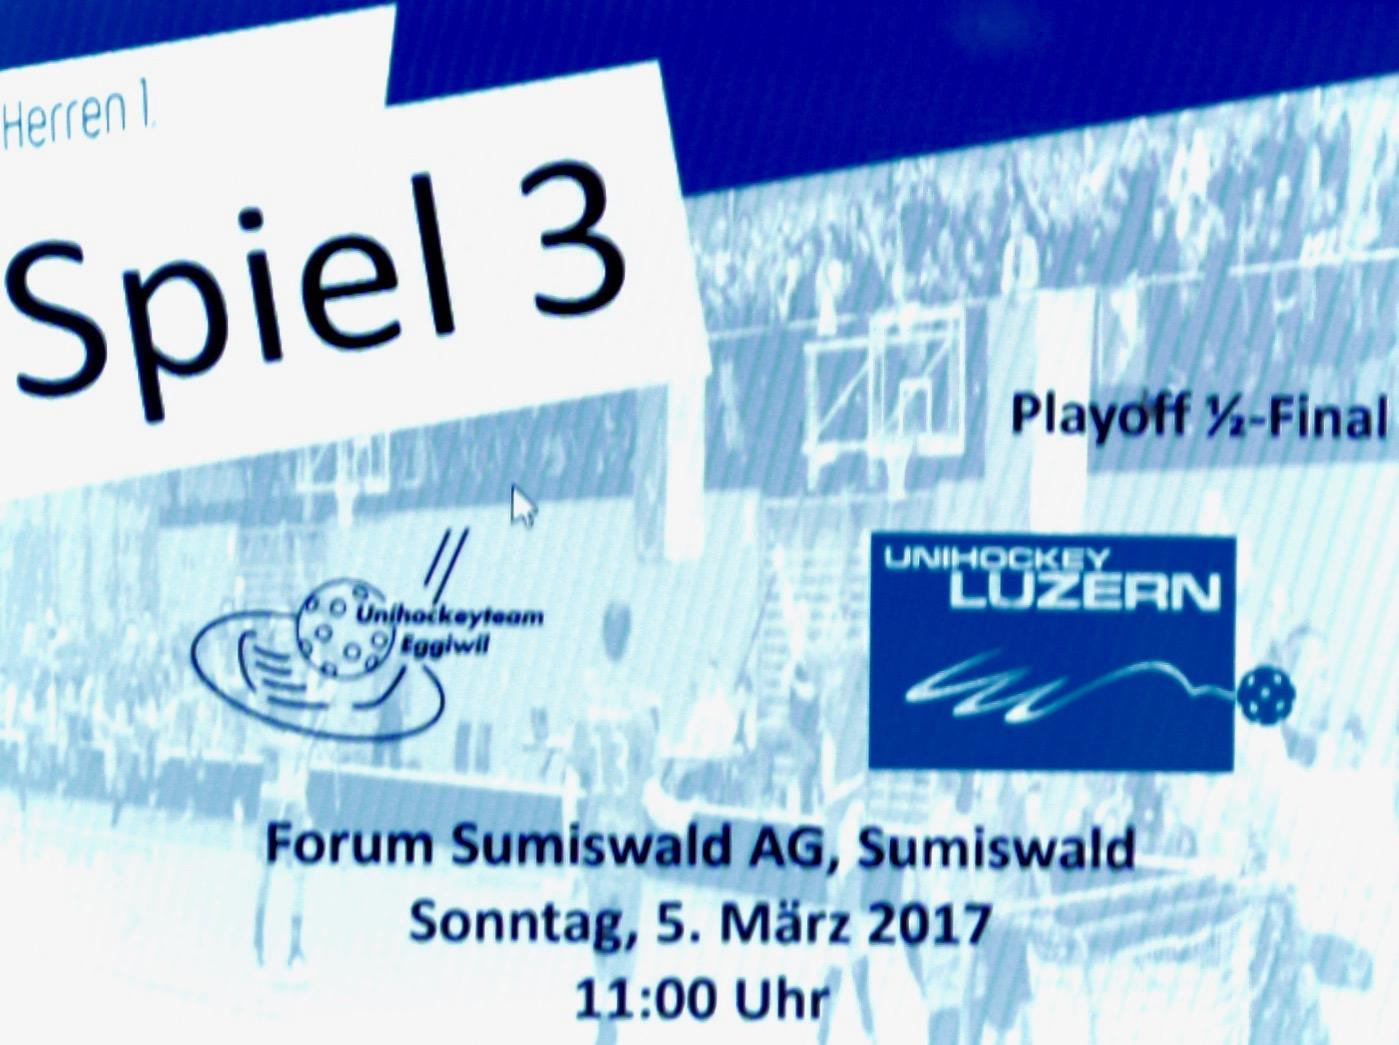 Herren I - Unihockey Luzern Halbfinal Spiel III Saison 2016/17